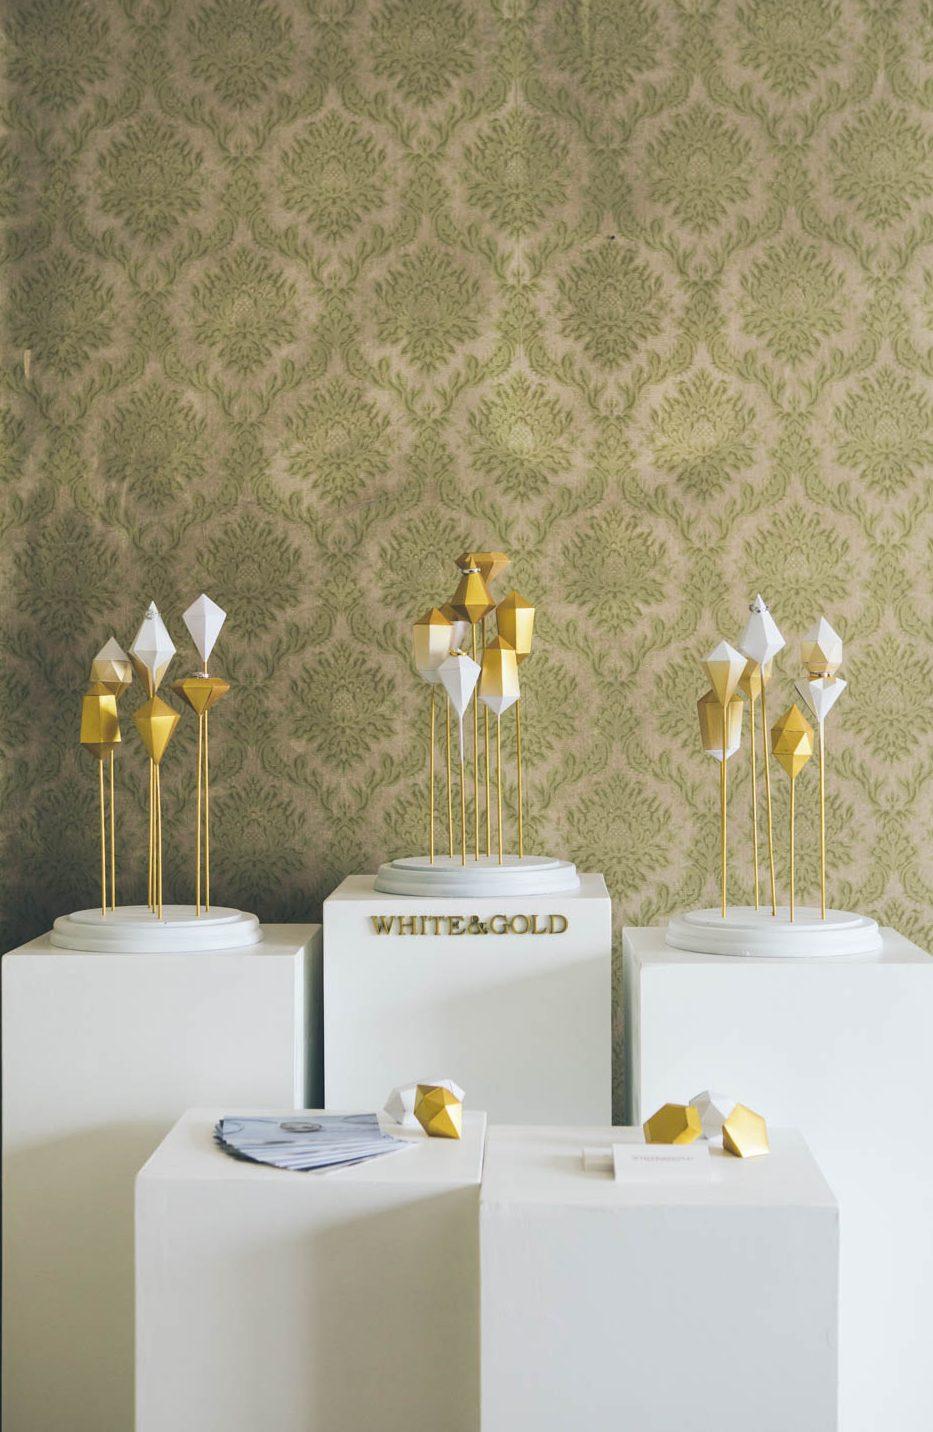 installazione White & Gold